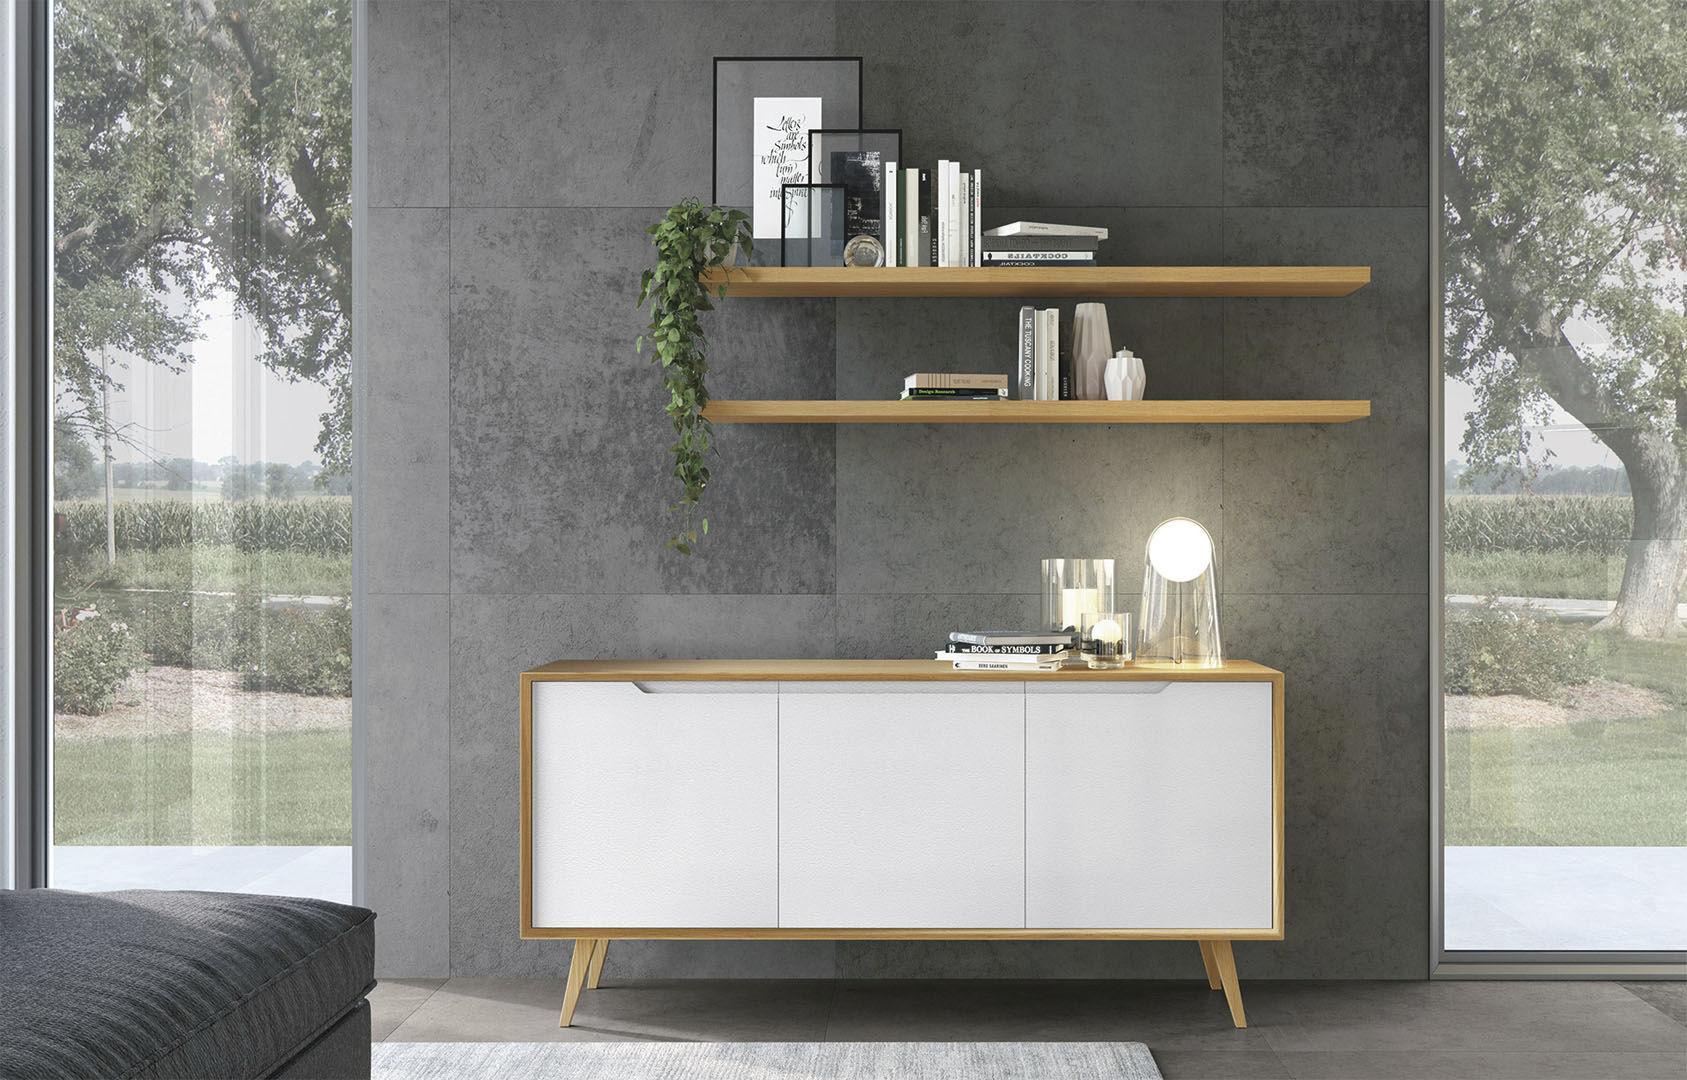 Credenza Per Cucina Bianca : Credenza moderna in legno con ripiano bianca luna cucine lube